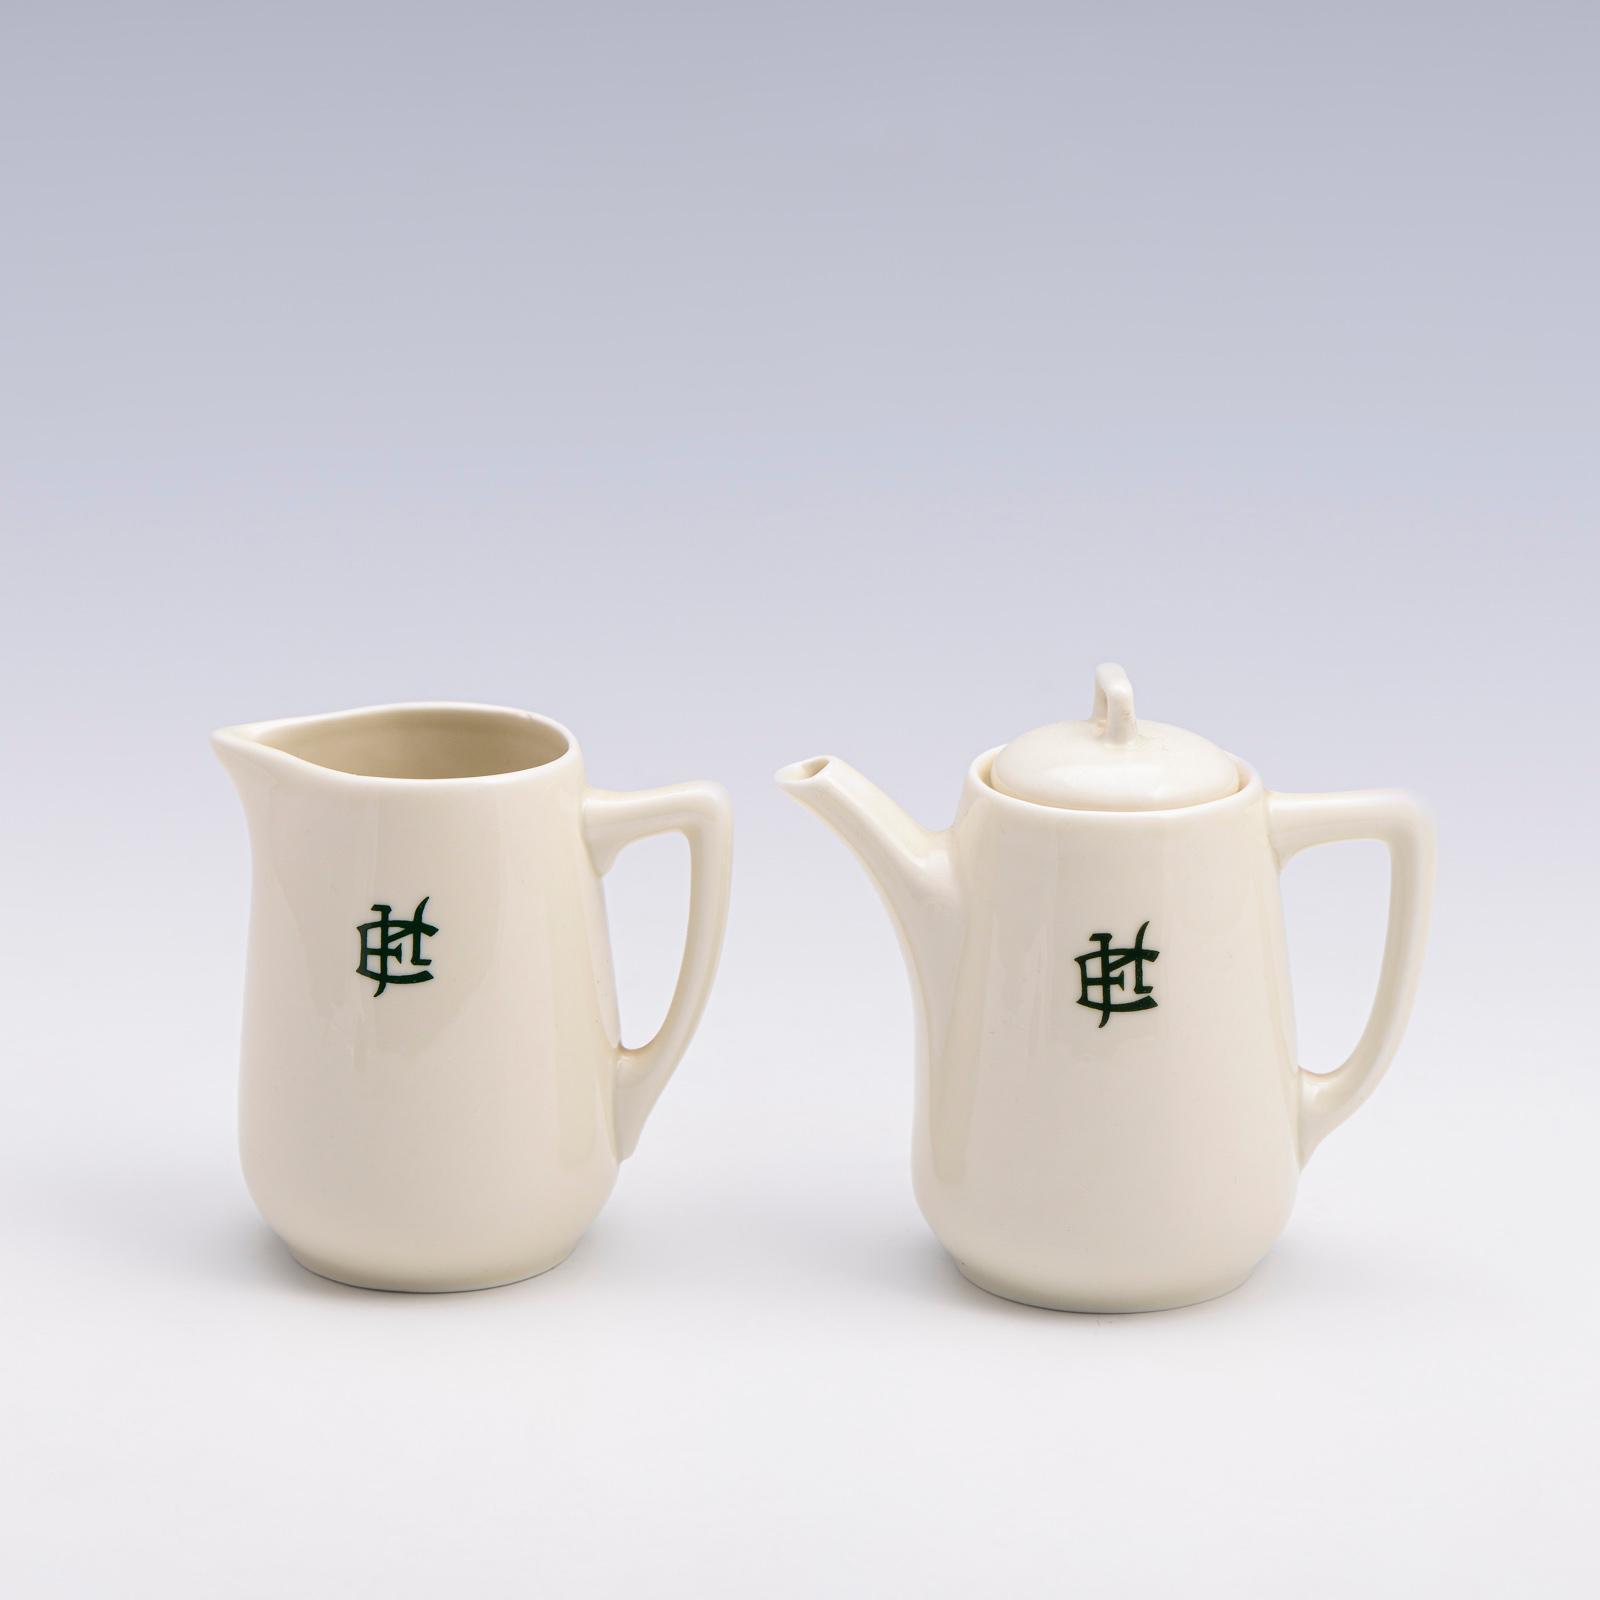 Conj. de leiteira e cafeiteira em porcelana VA (2)